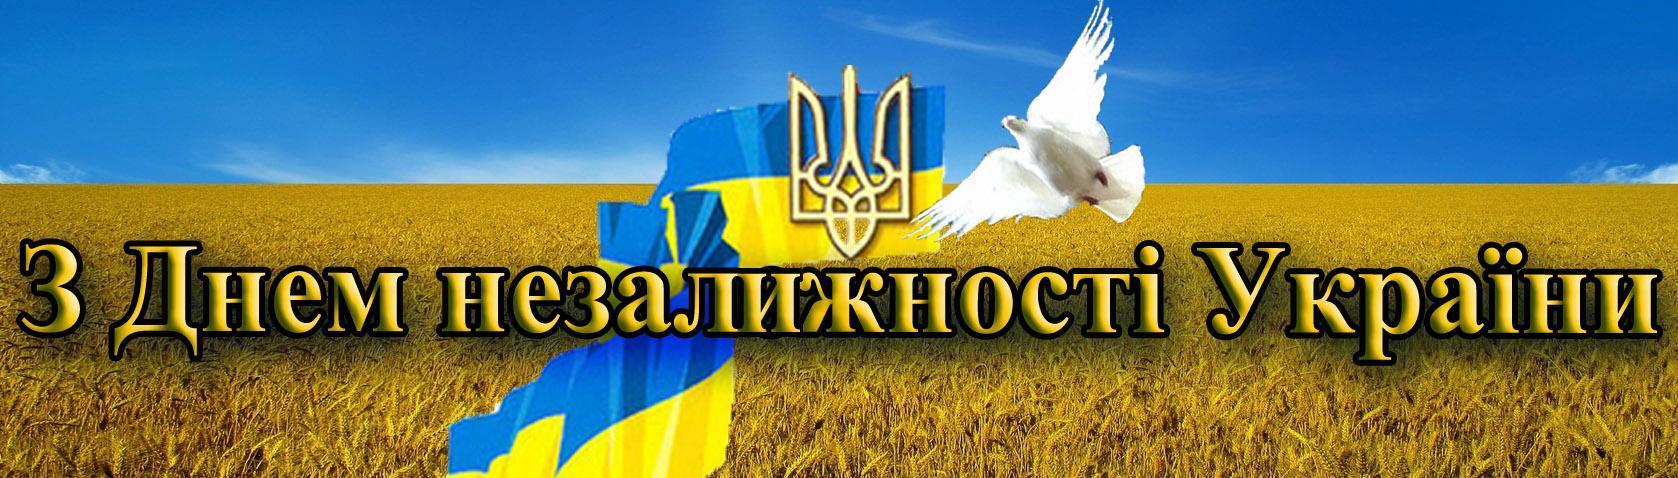 Днем, картинка с днем независимости украины